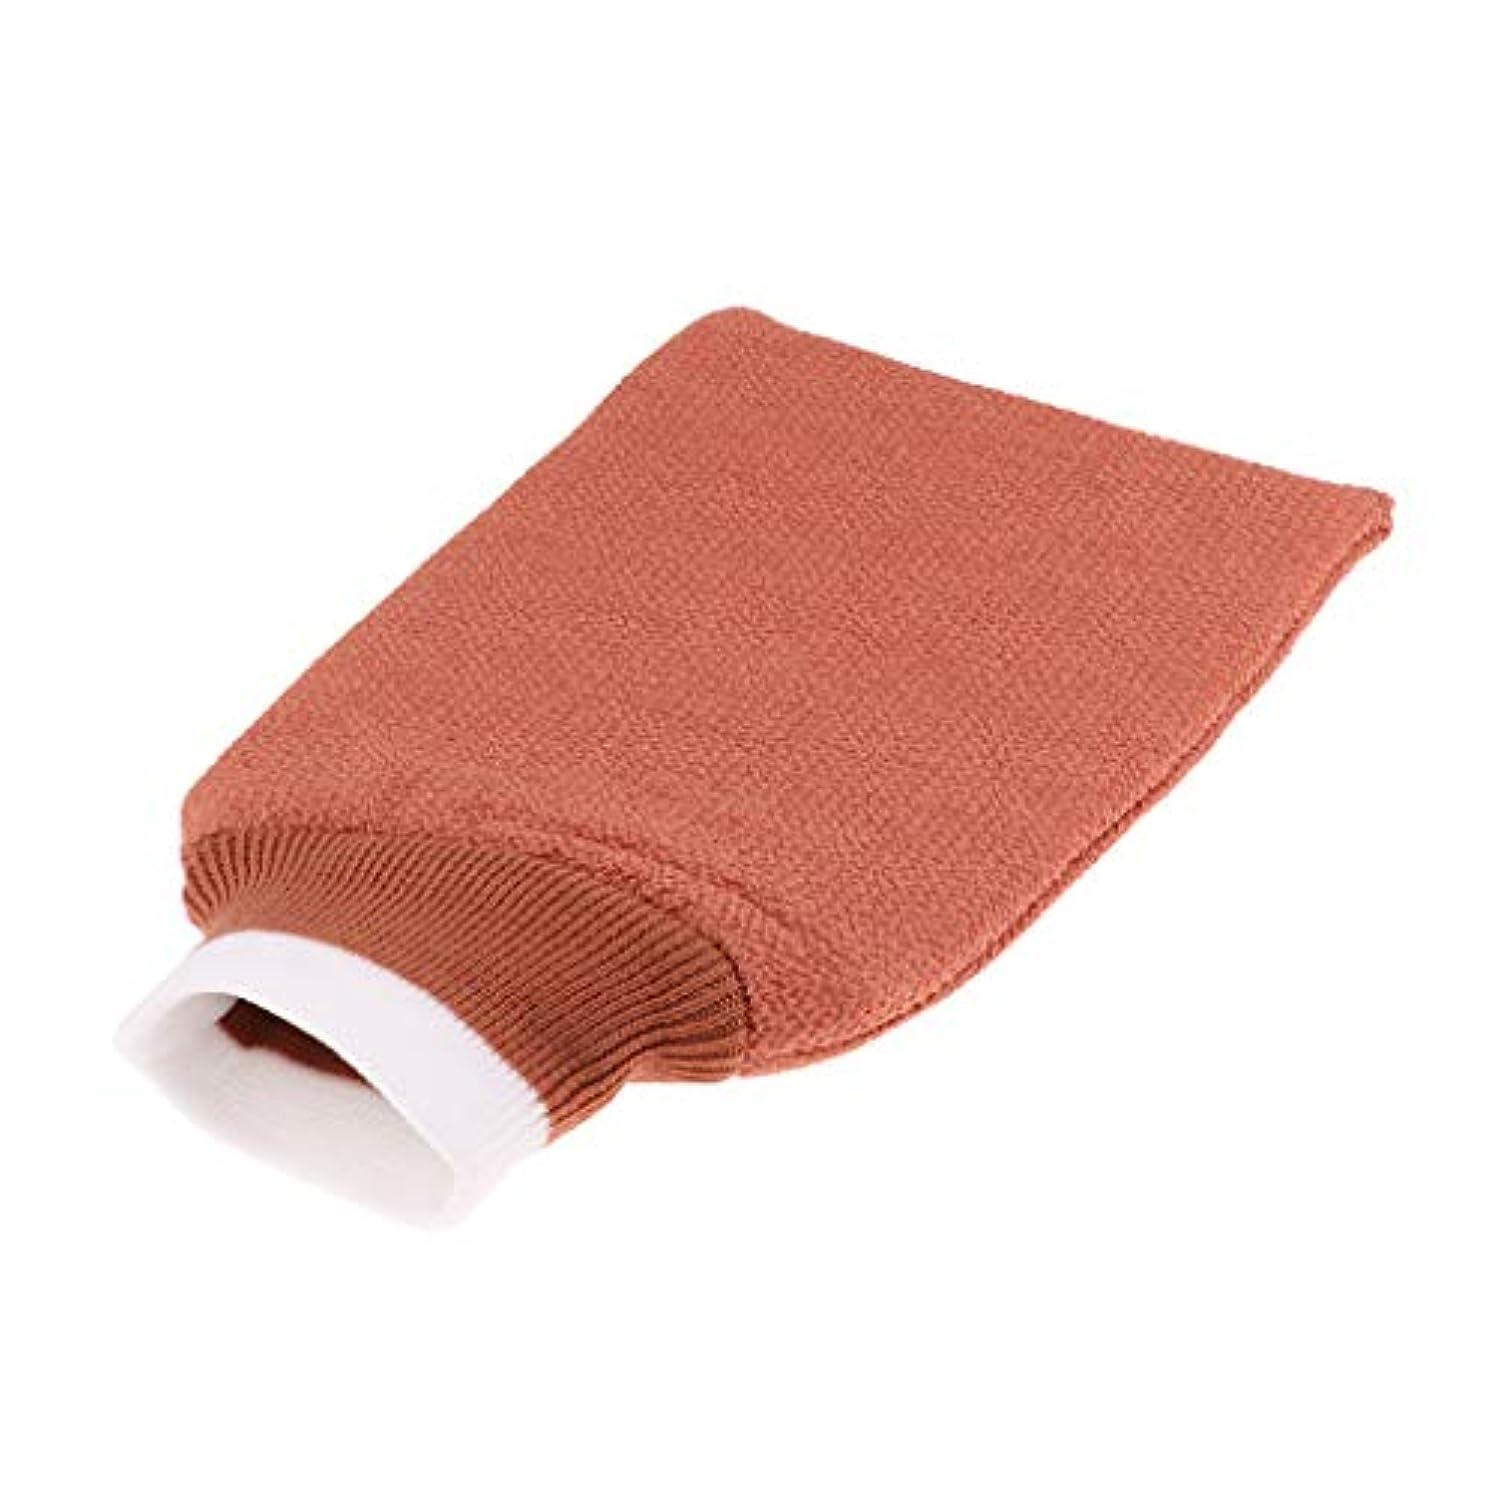 gazechimp バスグローブ 浴用手袋 シャワー用 バスミット 垢すり手袋 毛穴清潔 角質除去 男女兼用 全3色 - シャンパン